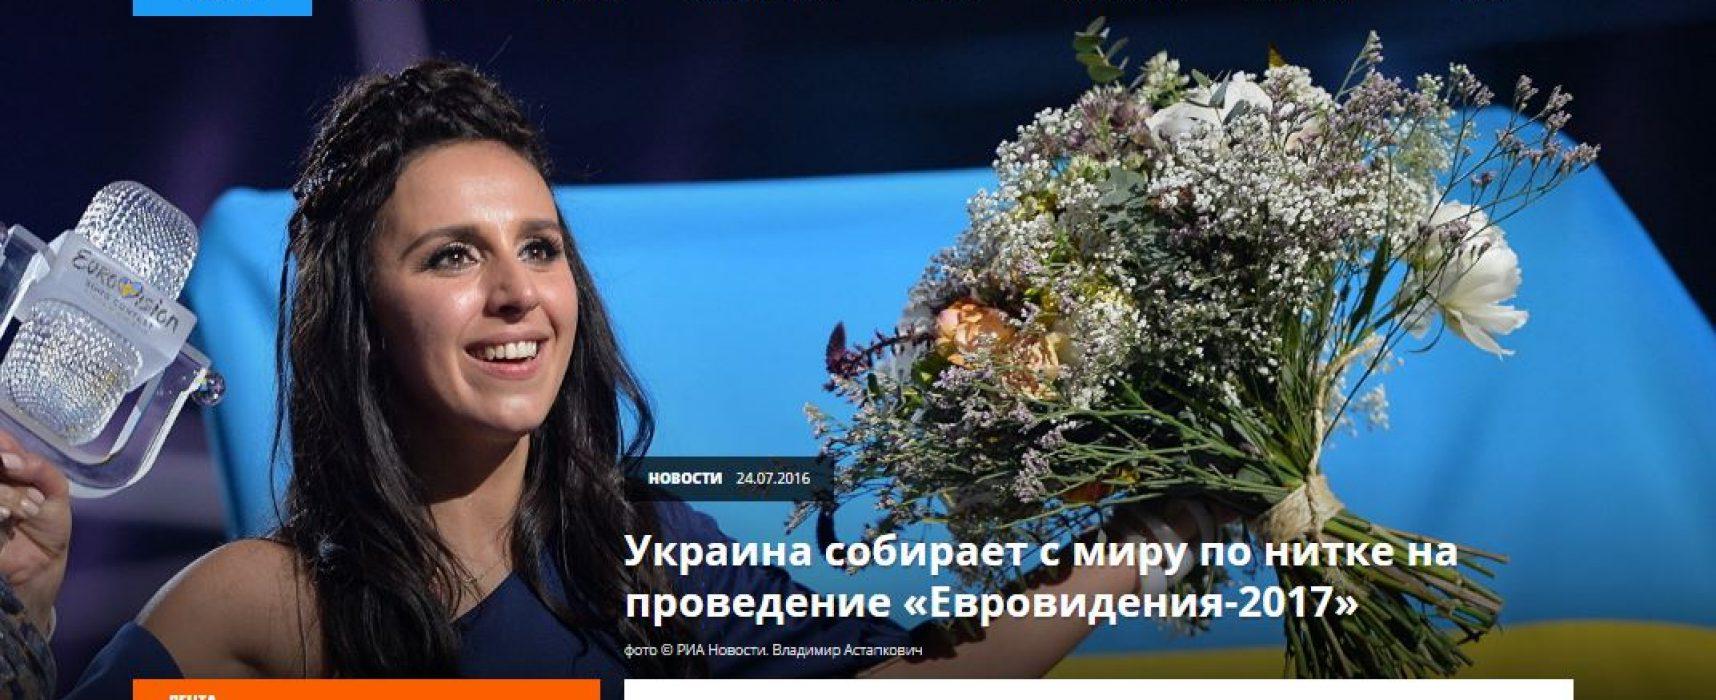 Fake: L'Ukraine fait une quête pour organiser le concours de l'«Eurovision 2017»